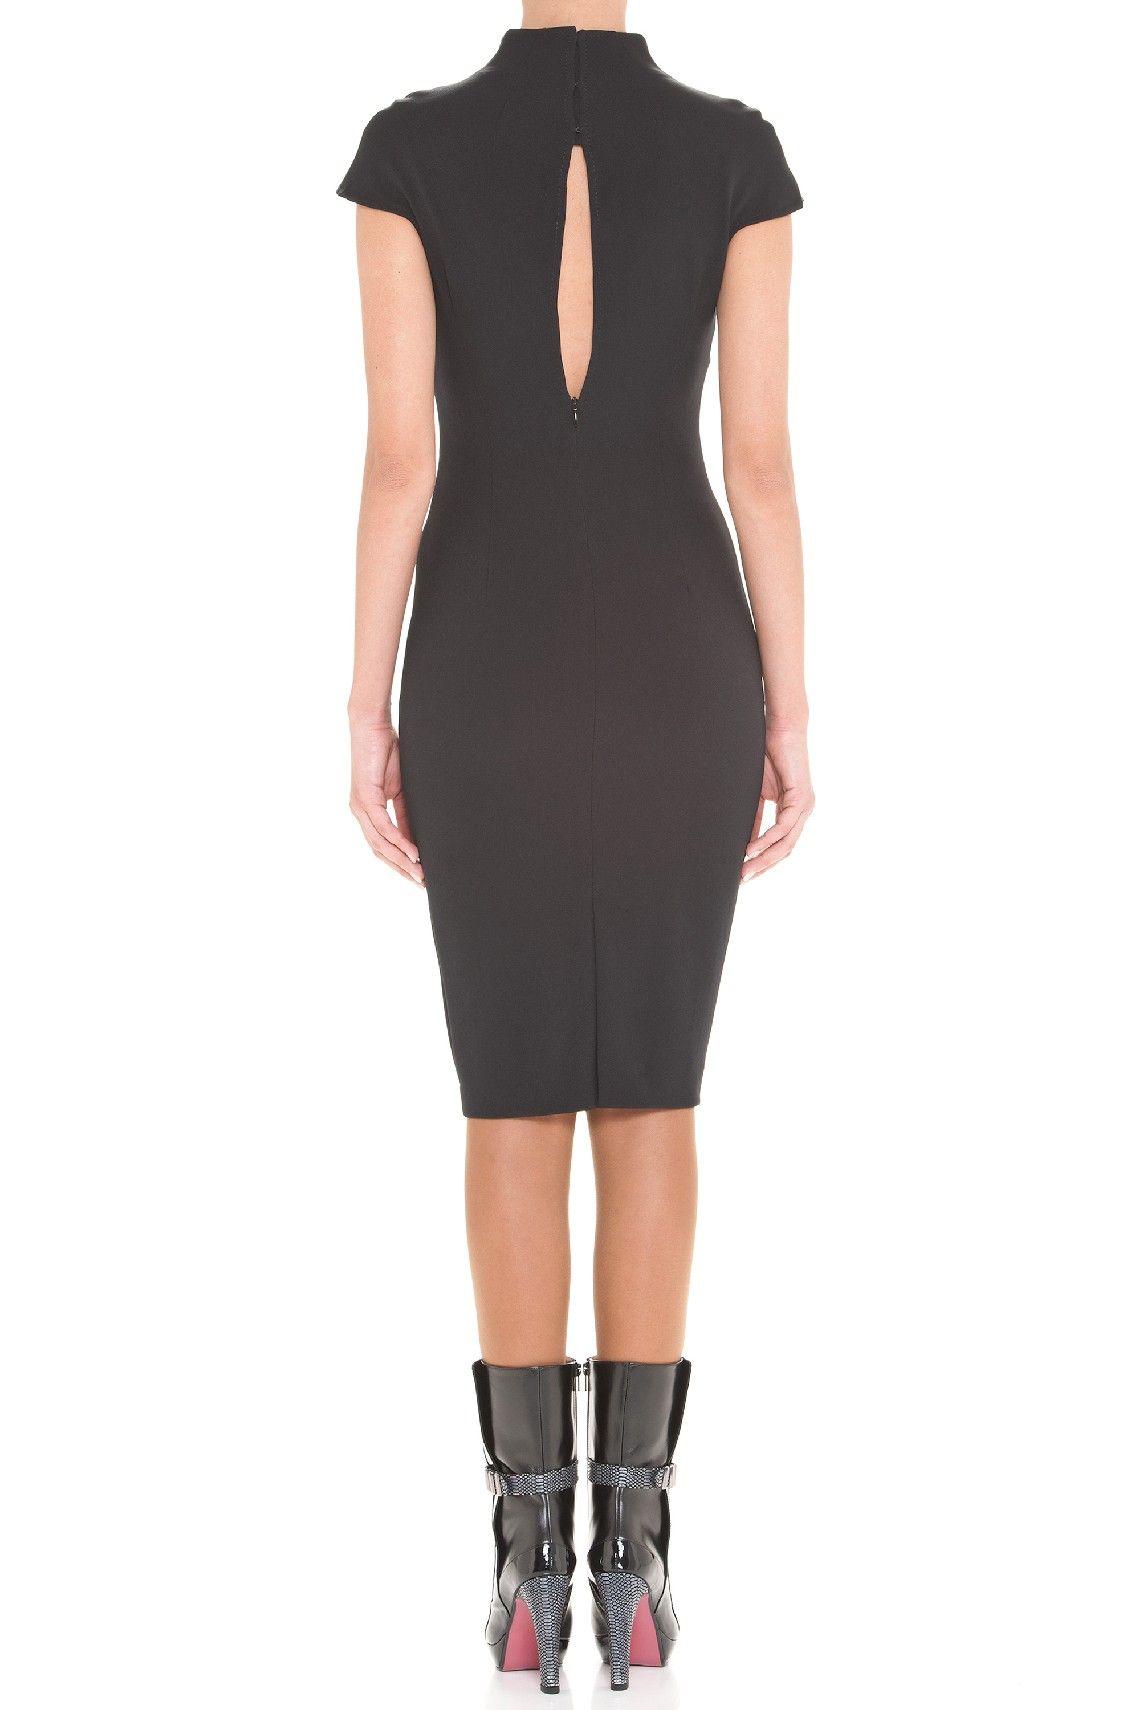 Vestido slim fit 5932-7991 | Ana Sousa